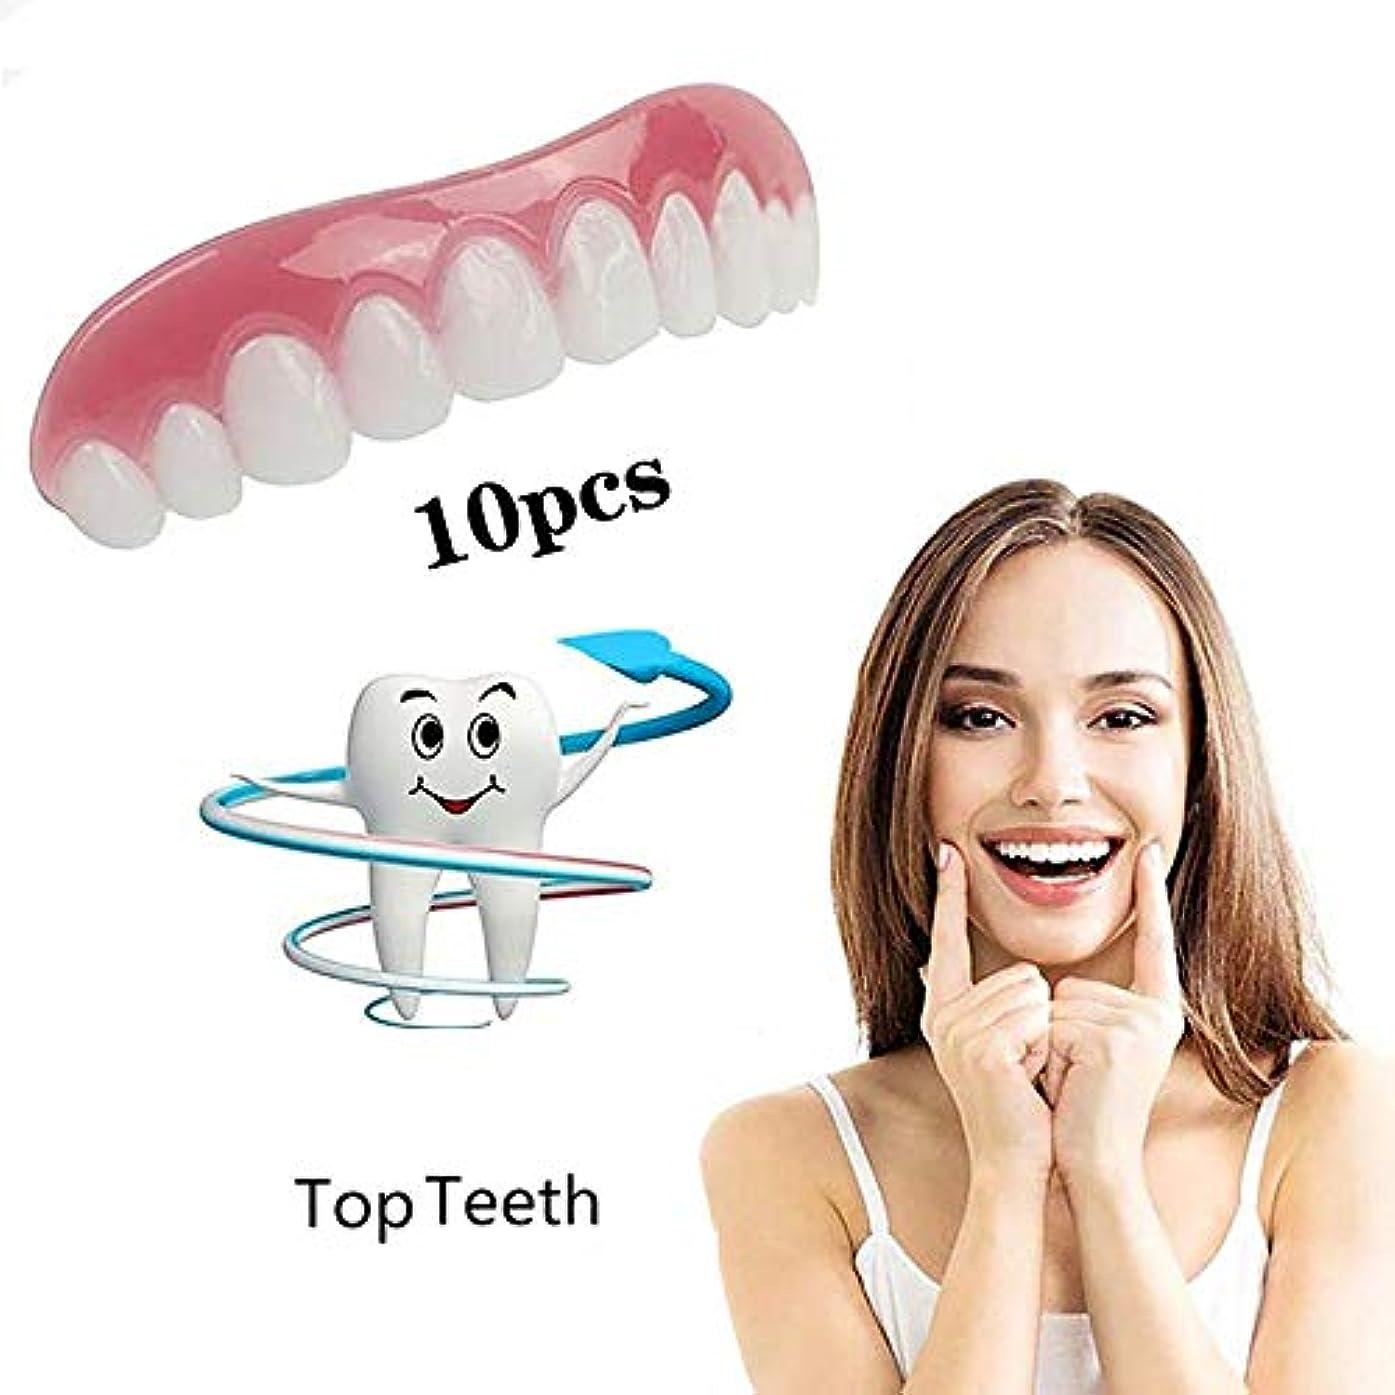 少ない取り扱い麻酔薬10個偽の歯アッパー偽の偽の歯カバースナップオン即時の歯の化粧品義歯のケアオーラルケアシリコーンホワイトニング義歯